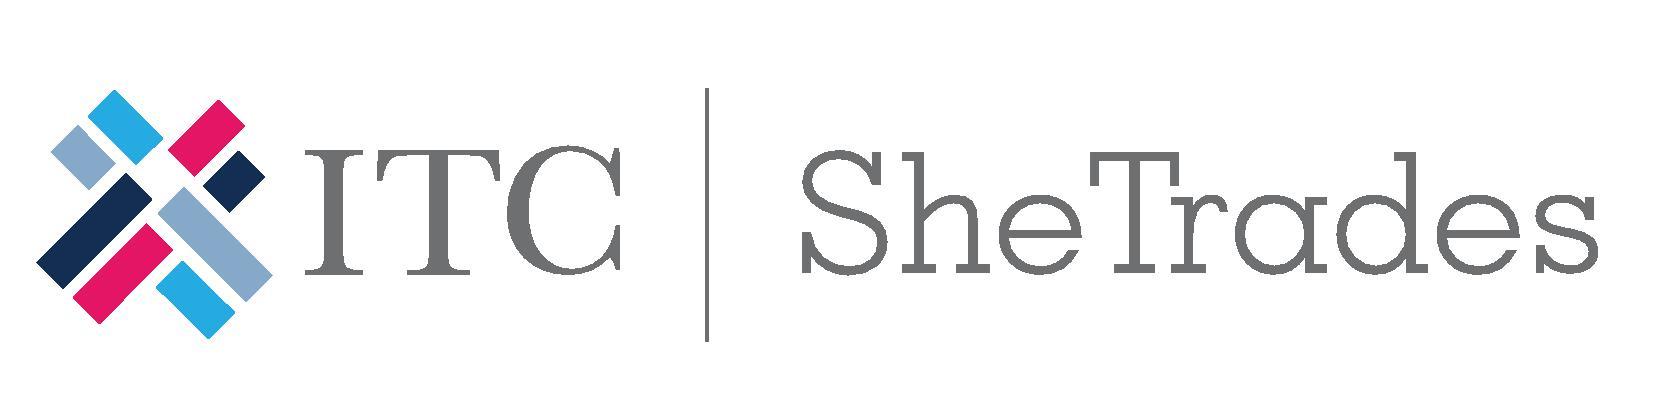 ITC-SheTrades-logo-vect